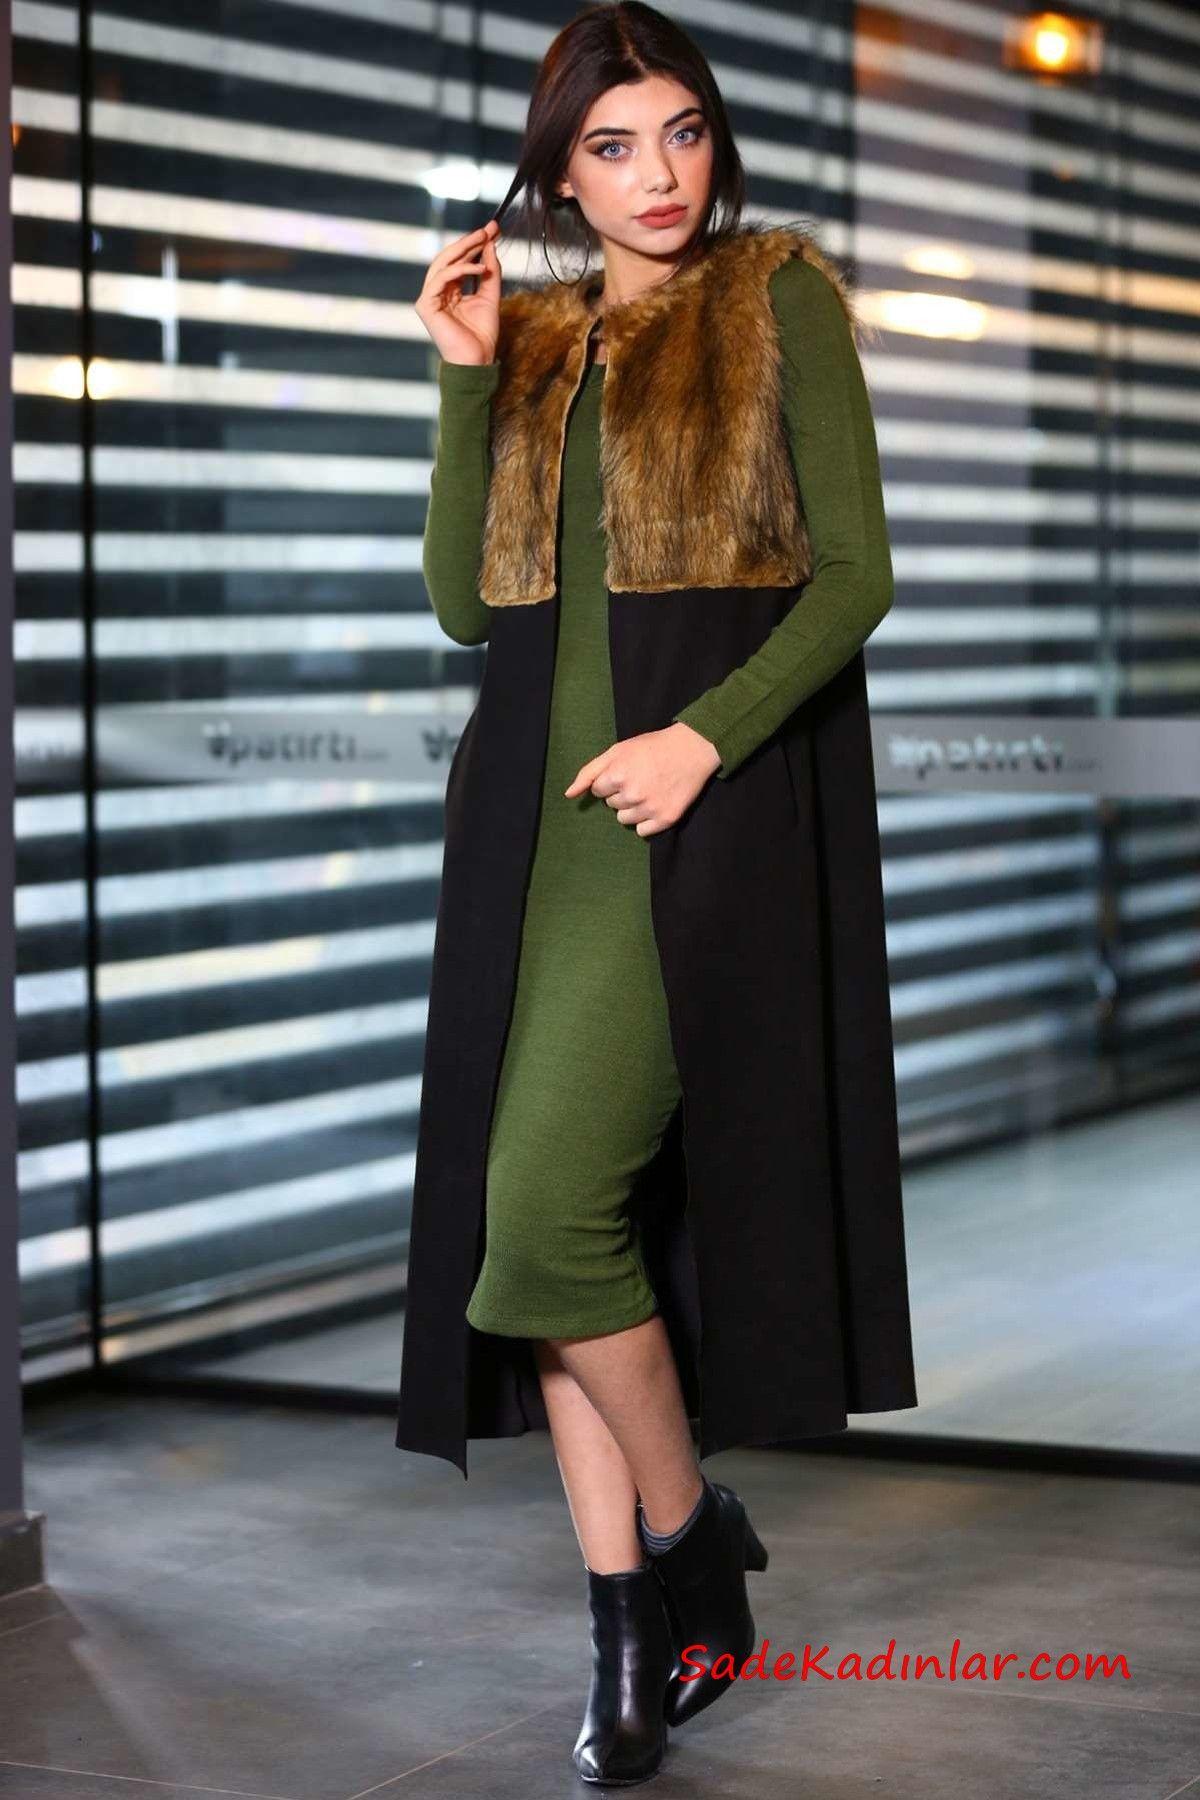 2019 Uzun Yelek Kombinleri Yesil Midi Triko Elbise Siyah Yakasi Kurklu Yelek Siyah Topuklu Bot Elbise Triko Moda Stilleri